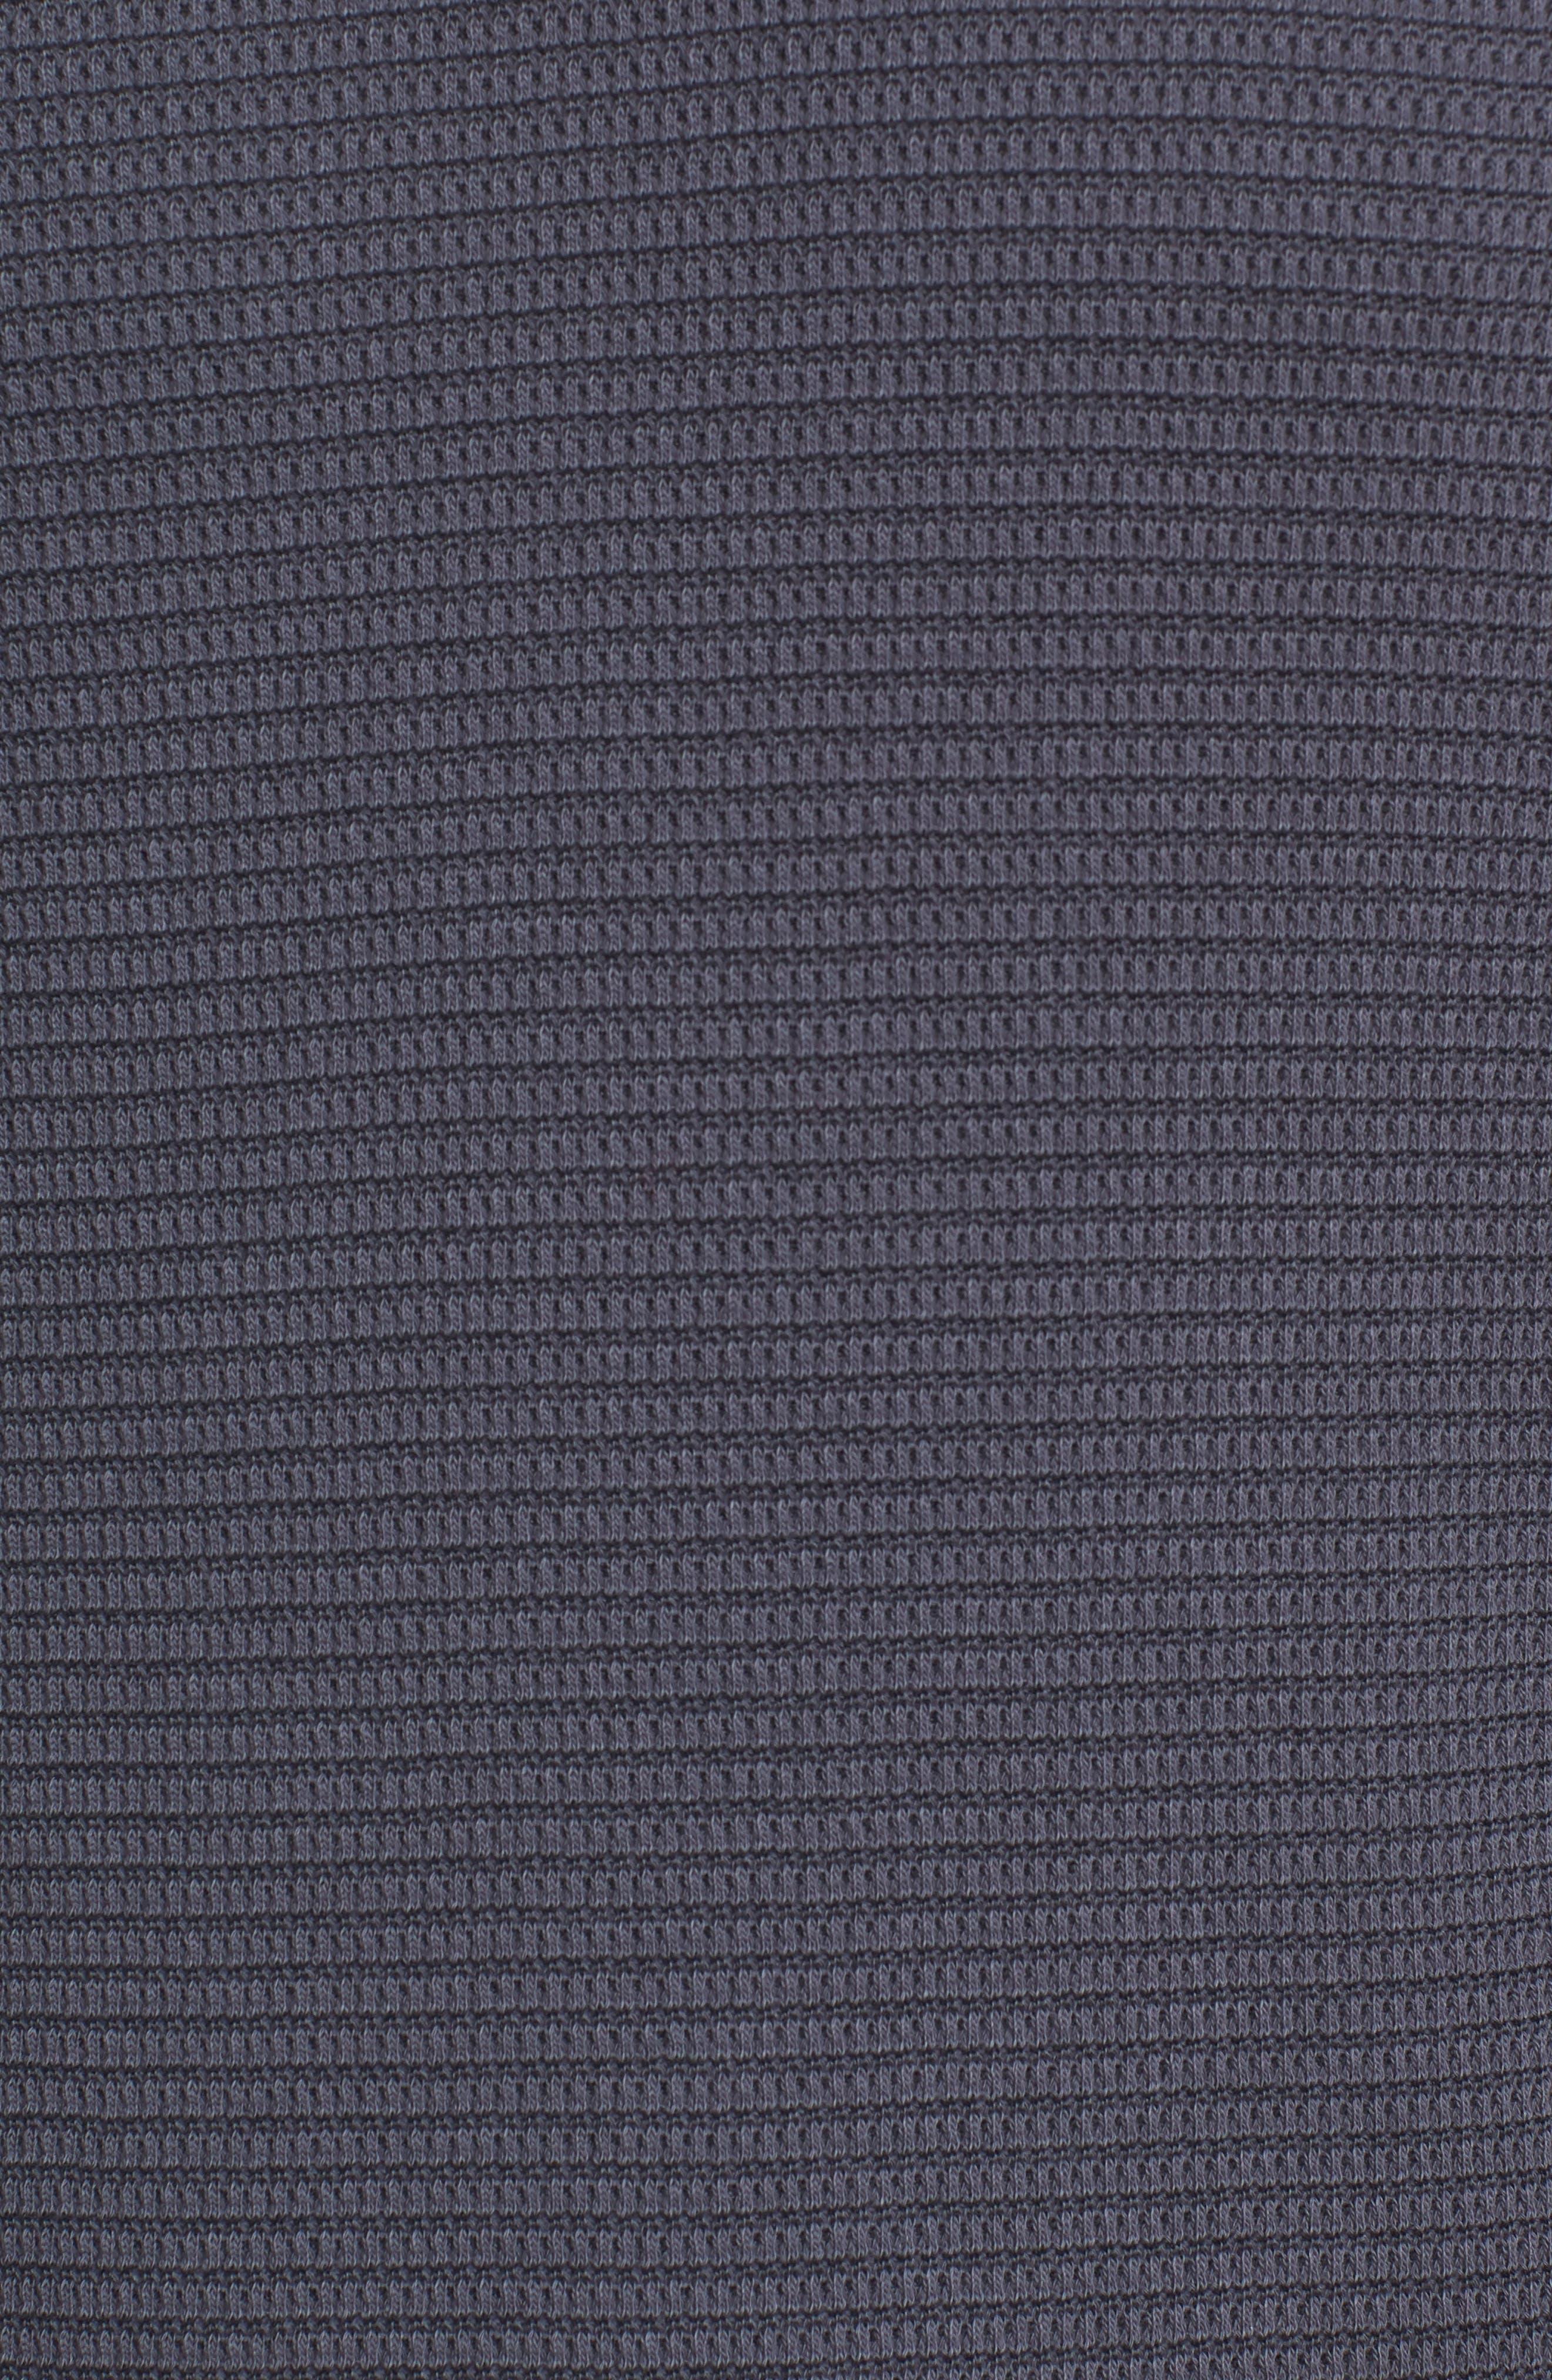 Regular Fit Waffle Knit Cotton Blend Crewneck T-Shirt,                             Alternate thumbnail 5, color,                             TITANIUM